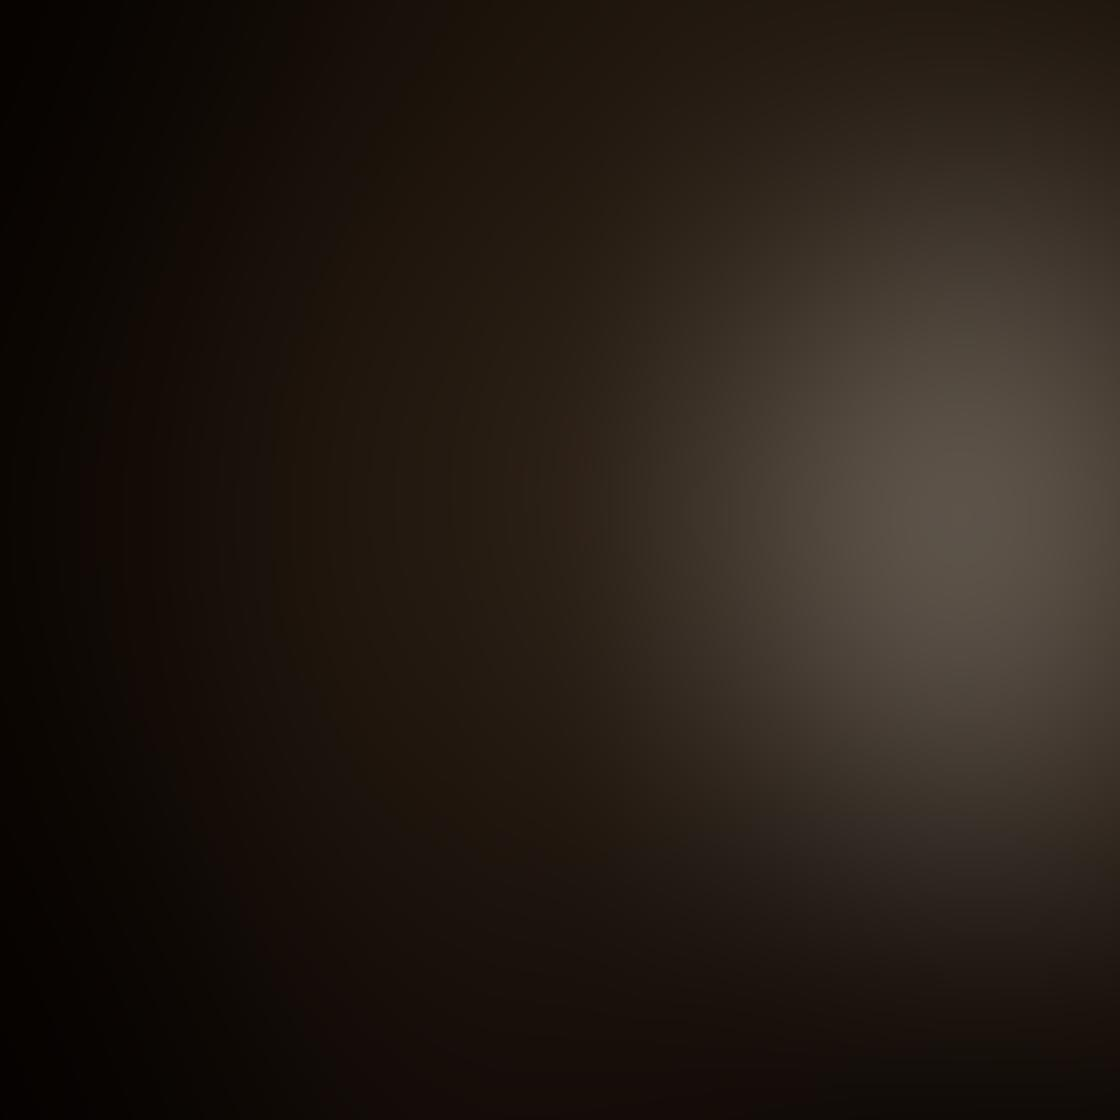 iPhone Photos Portrait Backgrounds 25